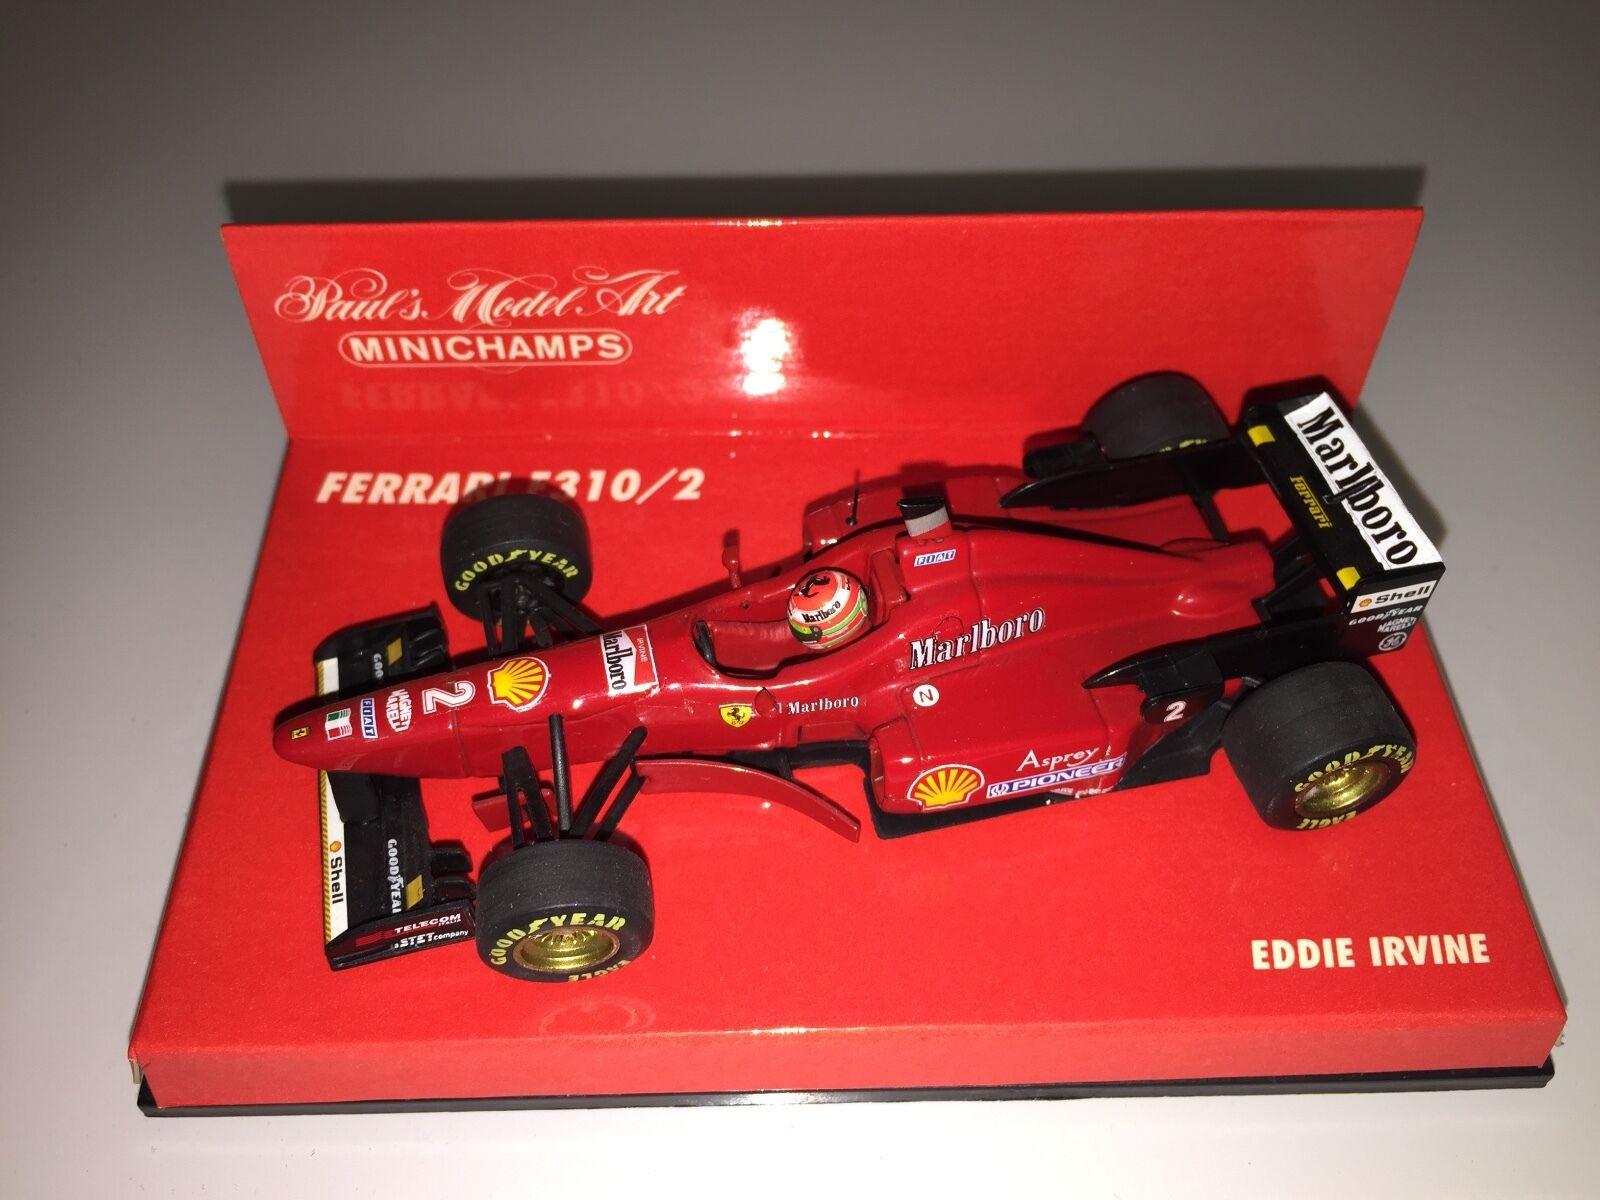 Ferrari 1 43 Eddie Irvine (Marlbgold) Very rare Minichamps 430960022